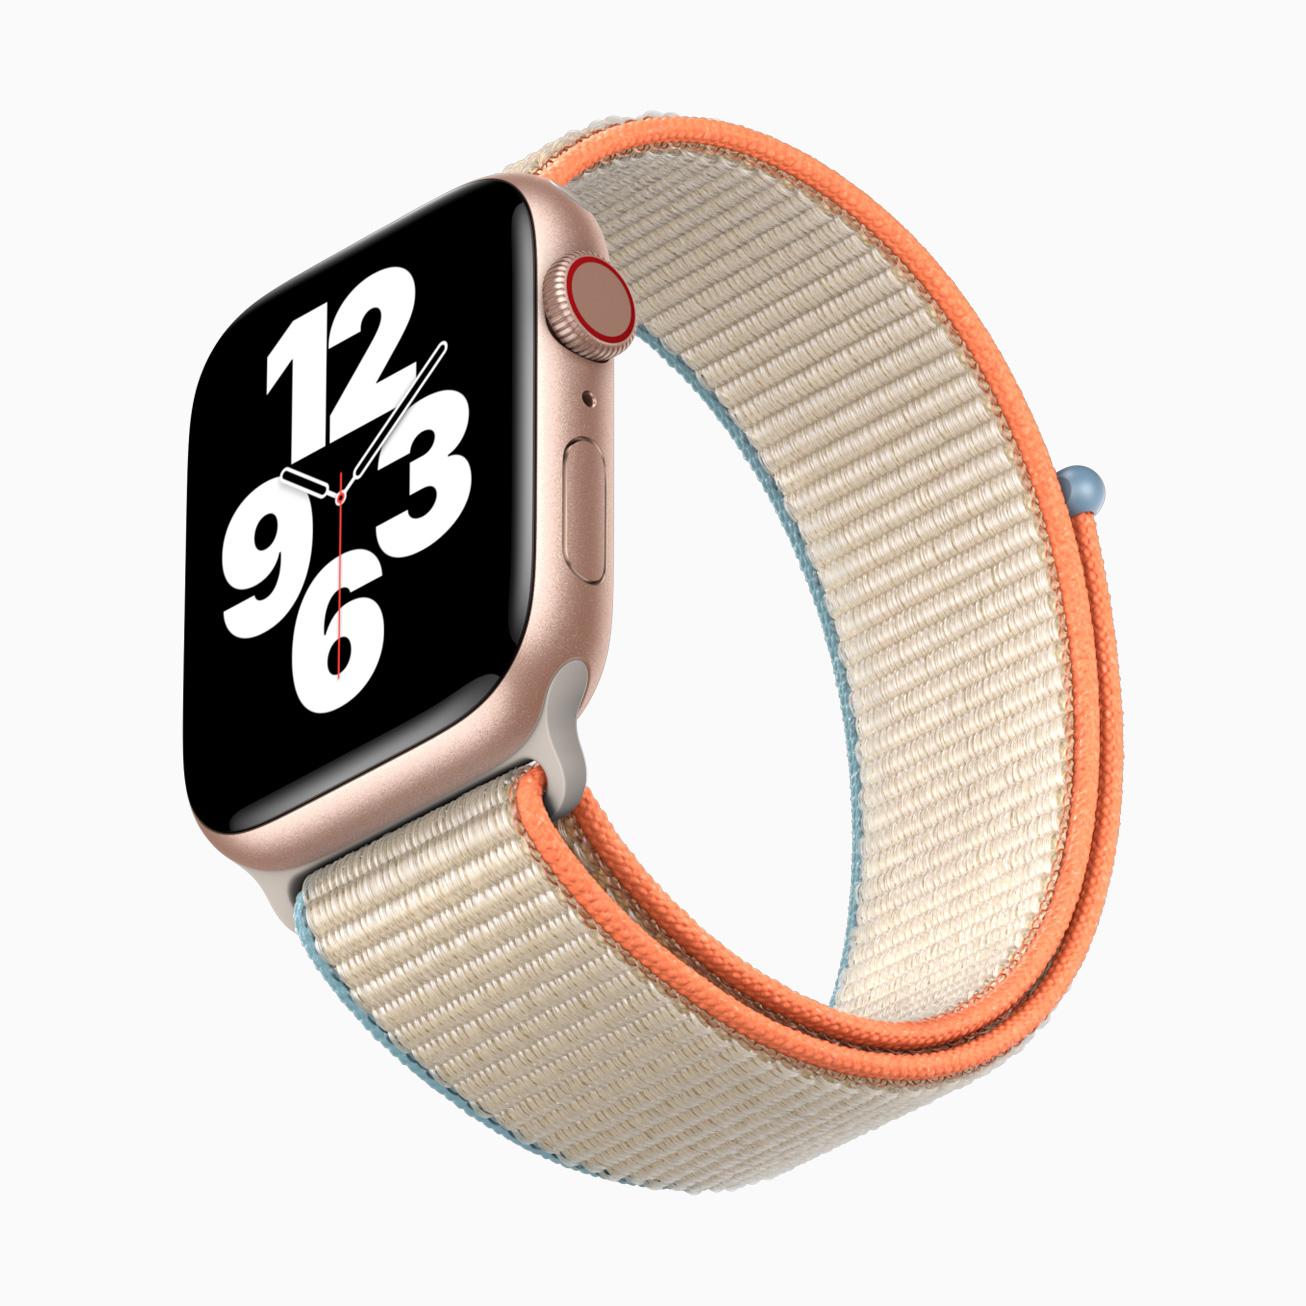 Apple watch se watchface 09152020